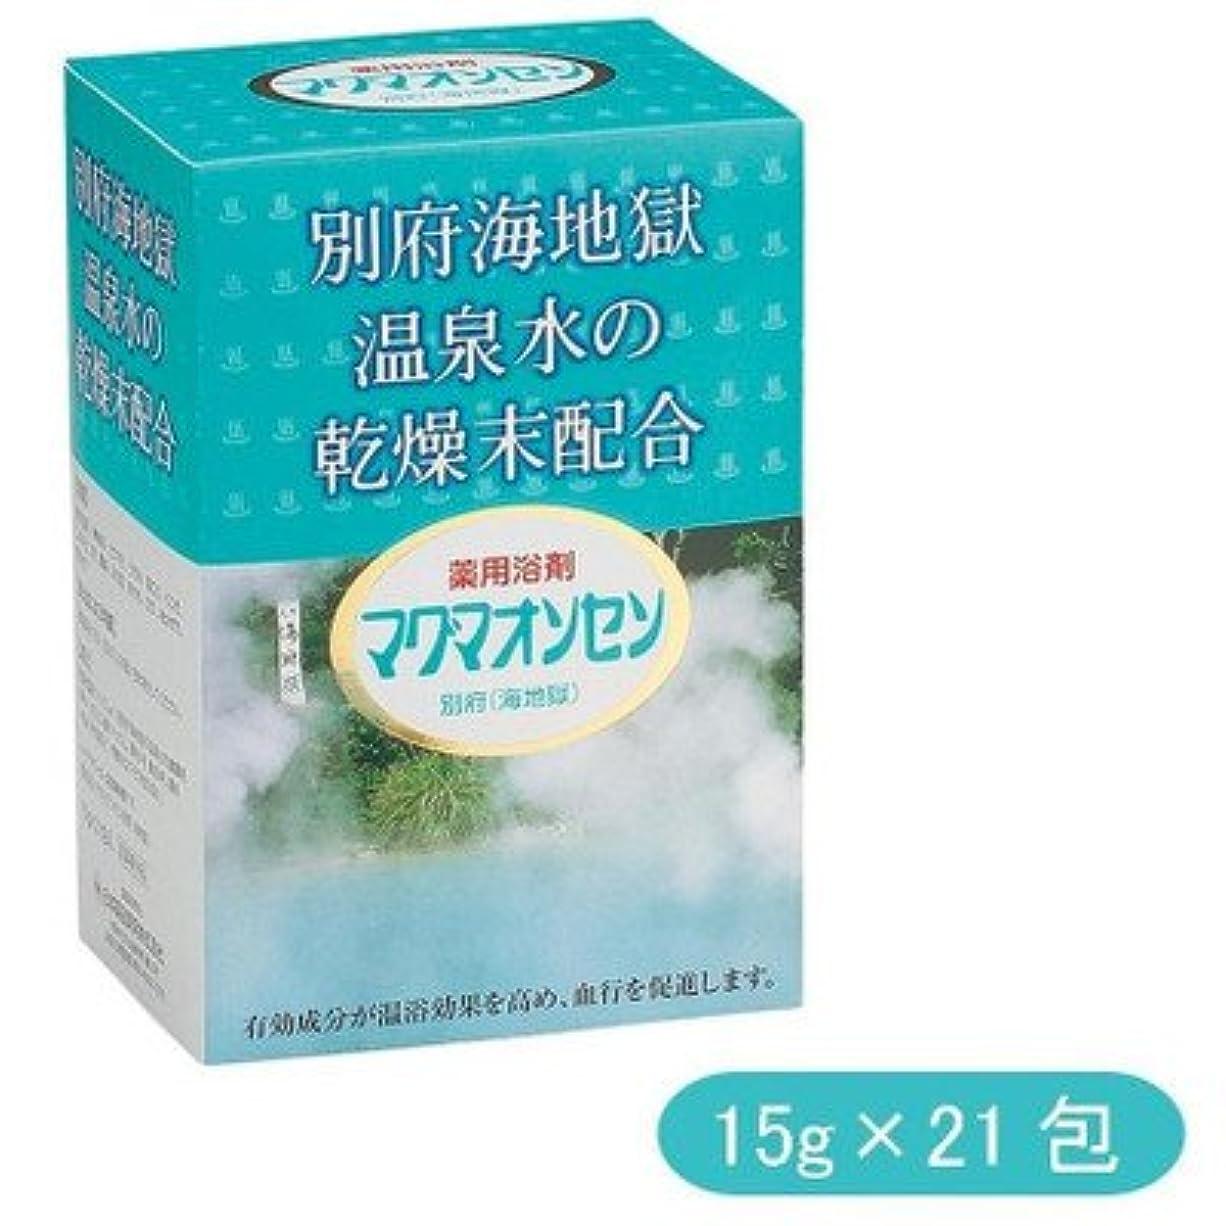 カスケードベアリングマークダウン日本薬品開発 医薬部外品 薬用入浴剤 マグマオンセン 15g×21P 800770